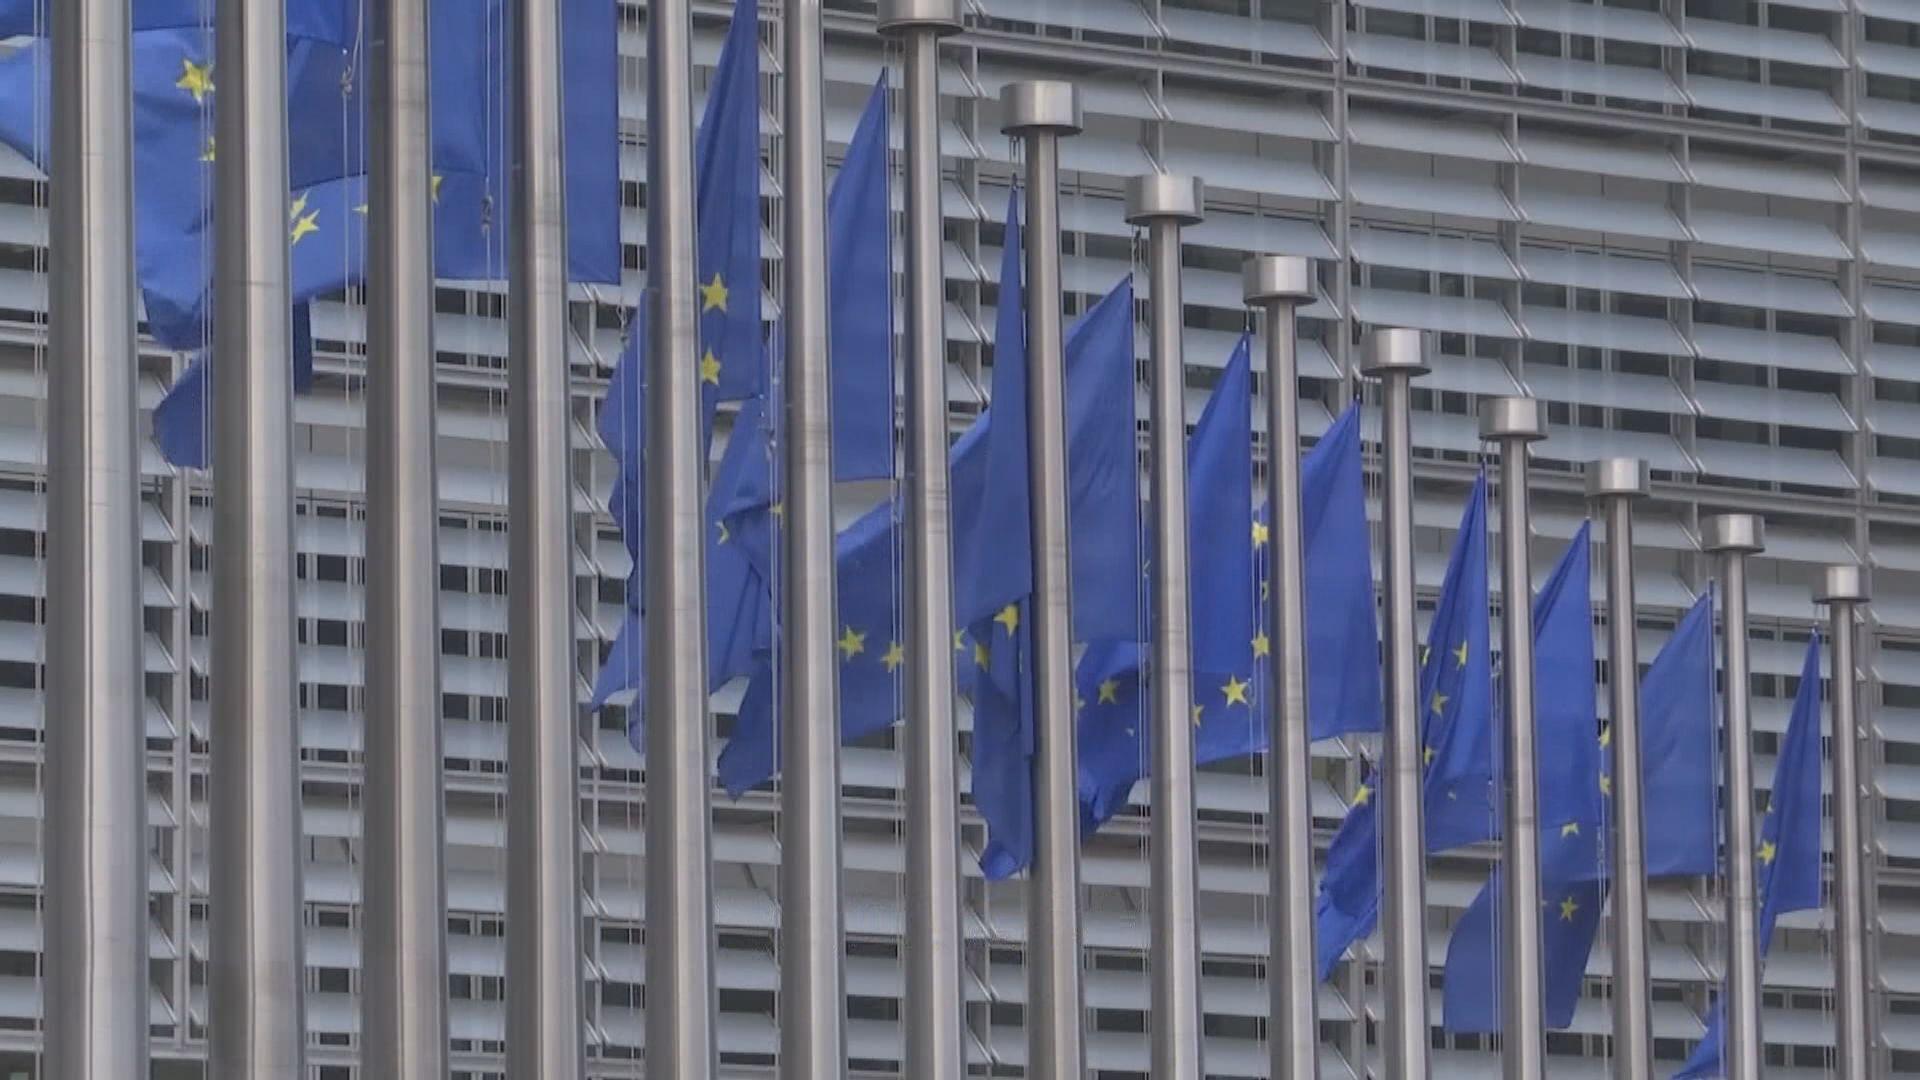 歐盟與英國:蘋果日報停運打擊香港言論自由